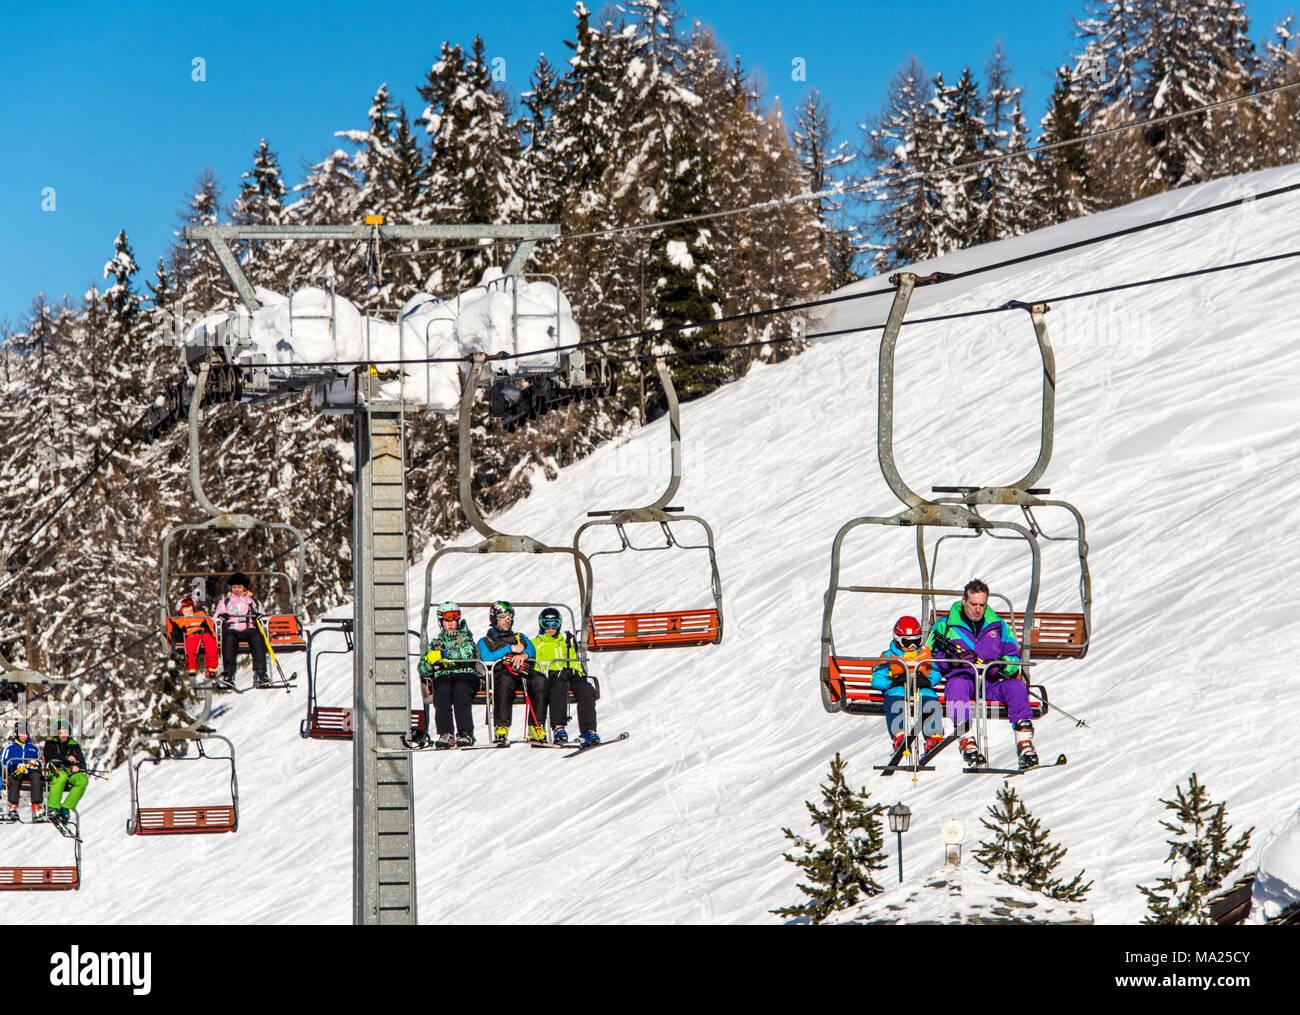 Un télésiège de ski dans la station de ski de Pila, vallée d'aoste, Italie Photo Stock